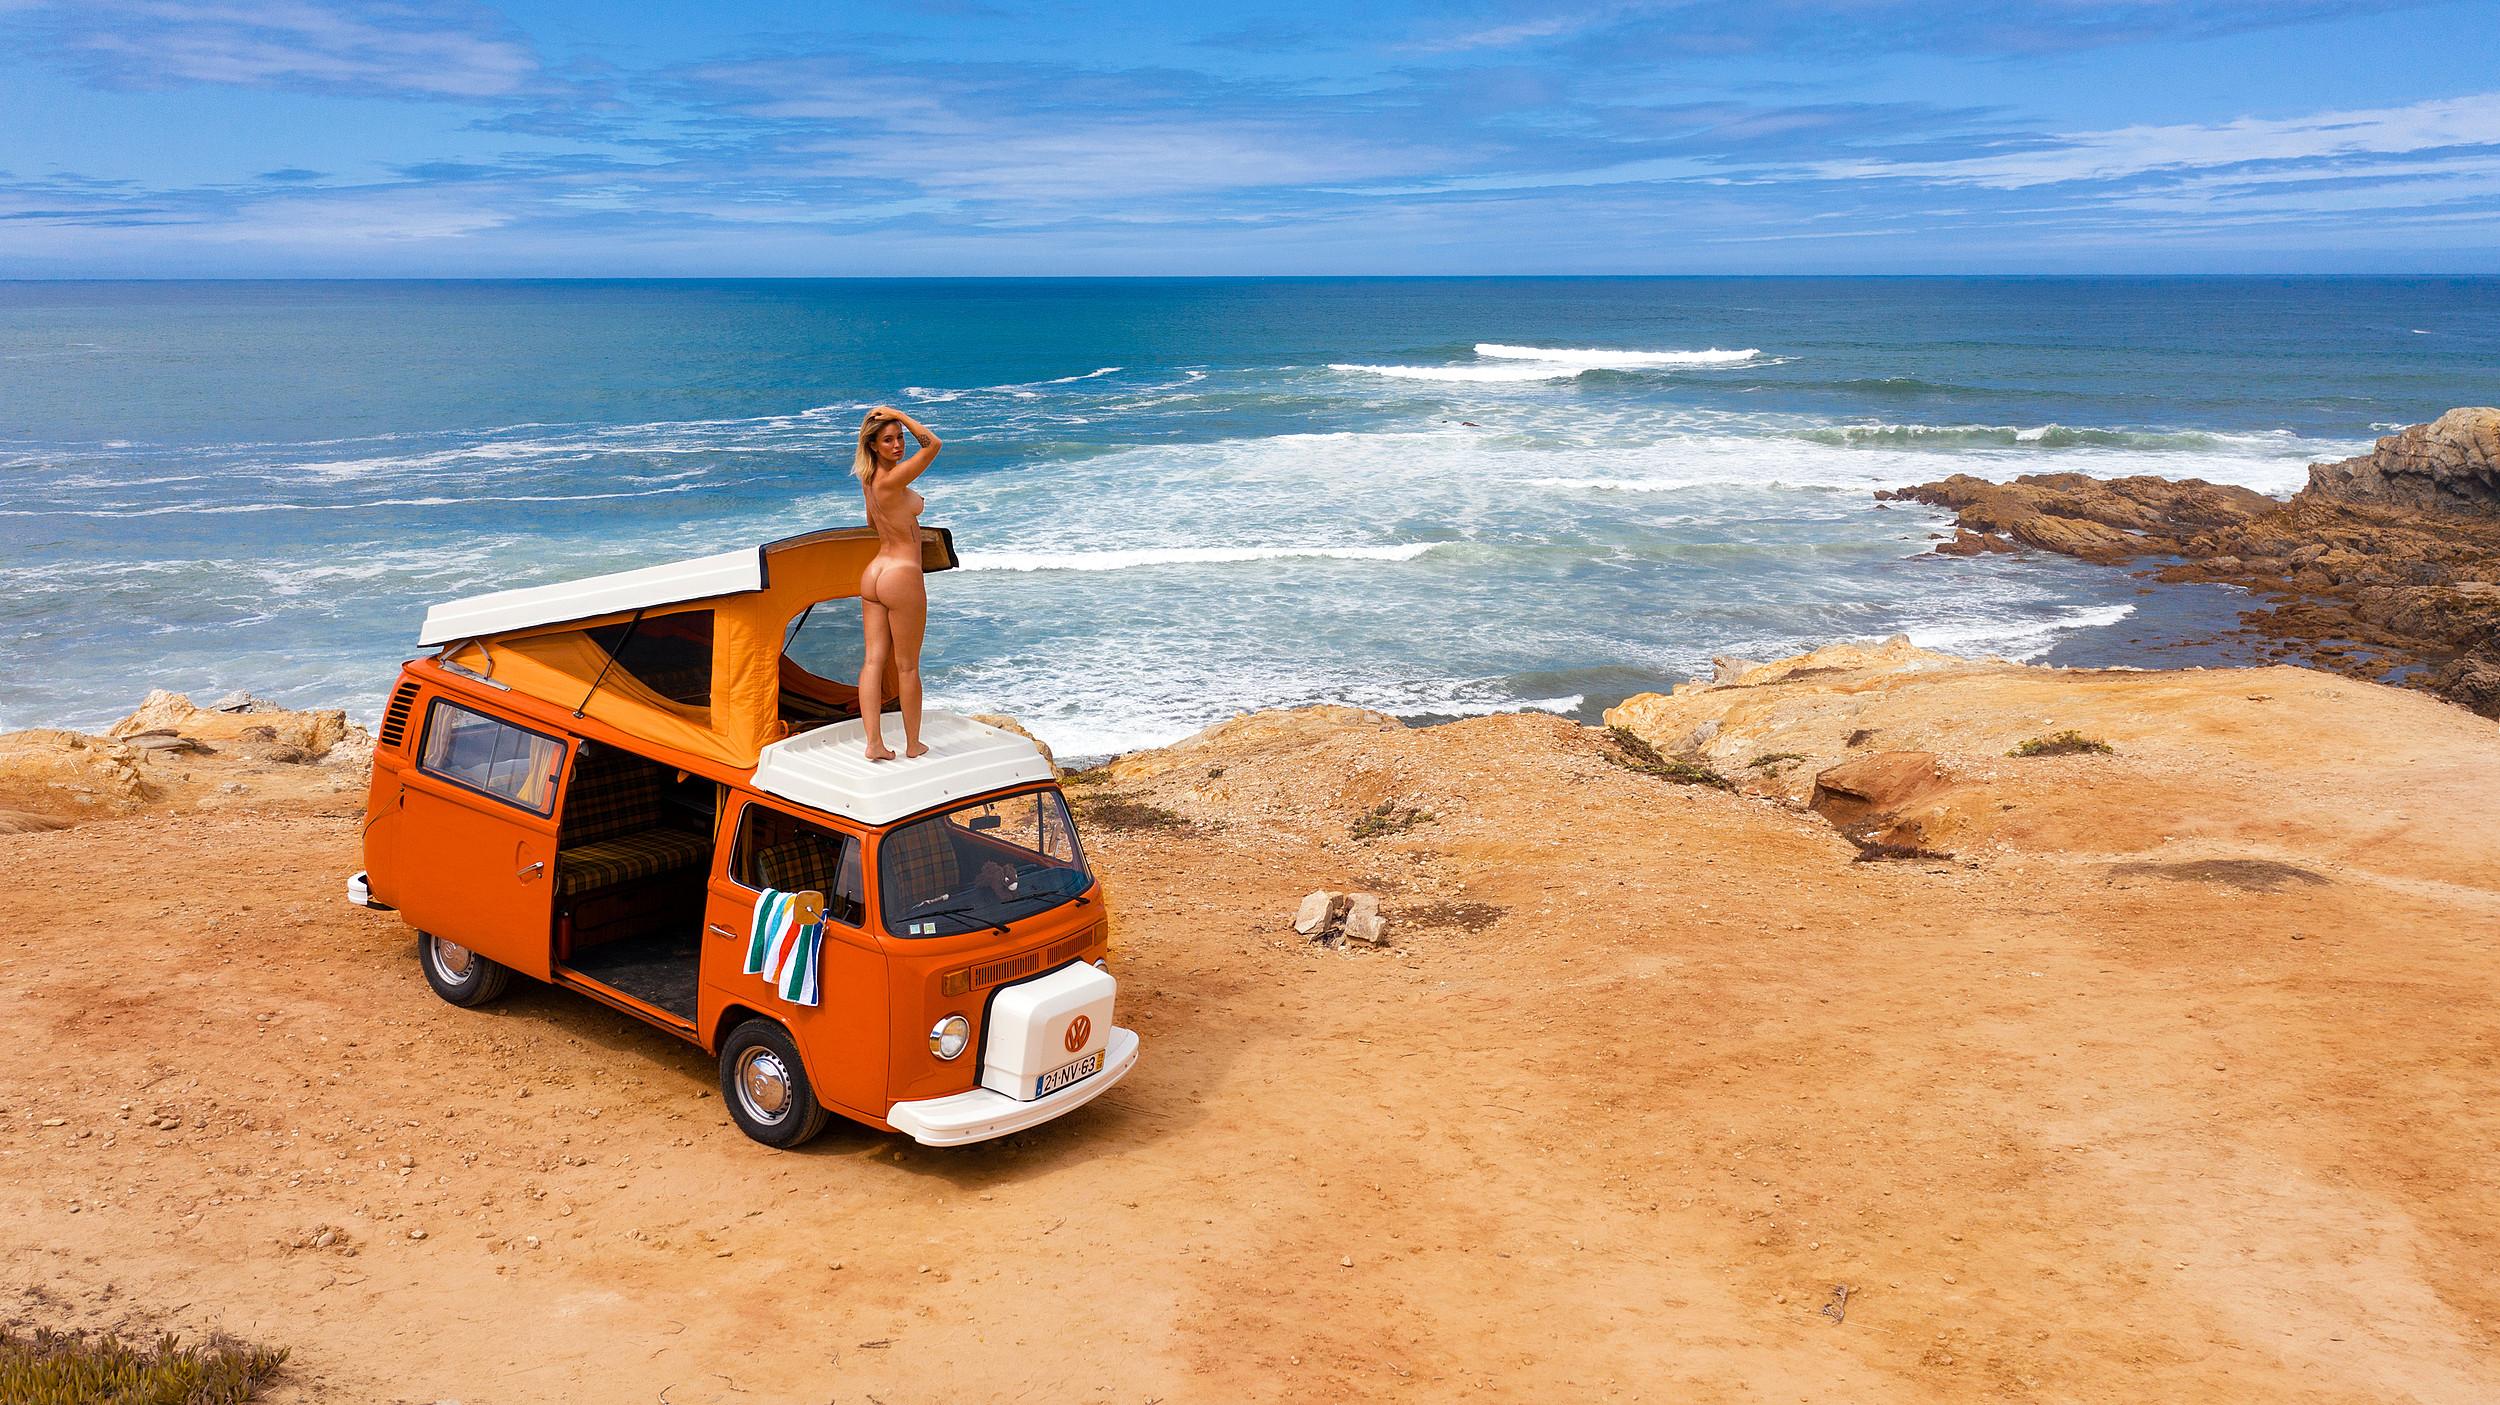 julia-rommelt-naked-tattoos-camper-seaside-december-2020-germany-playboy-19